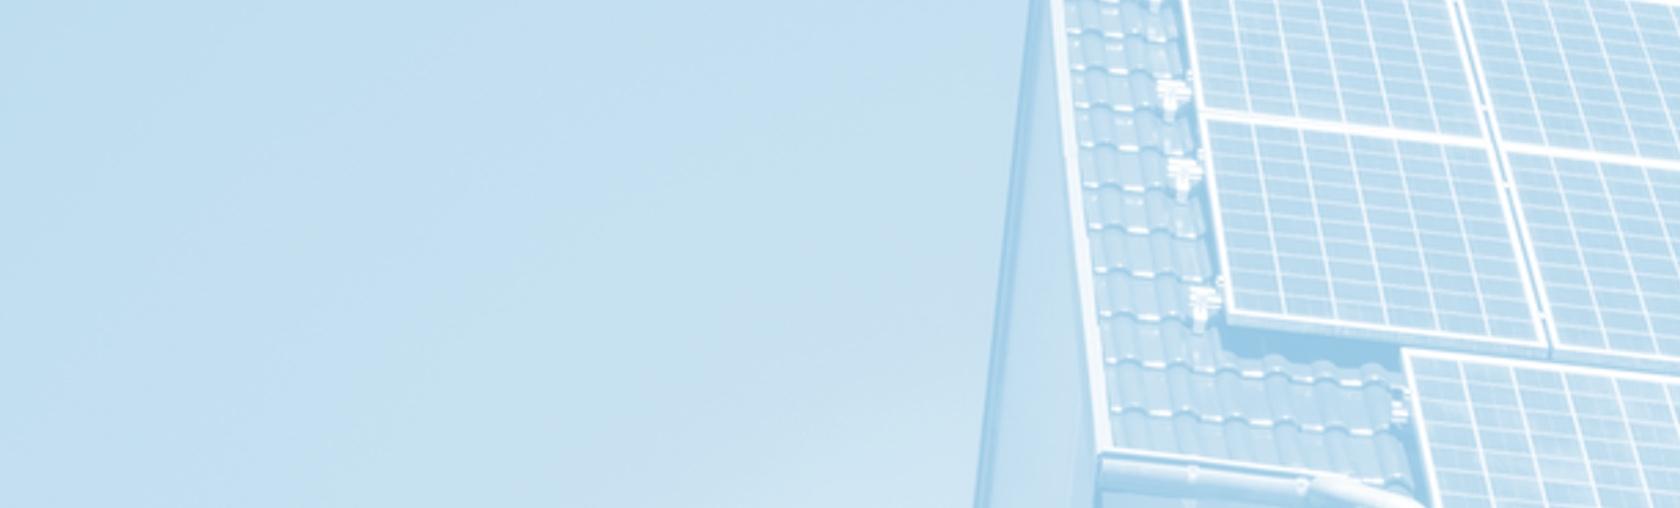 banner-bg-baltringer.jpg